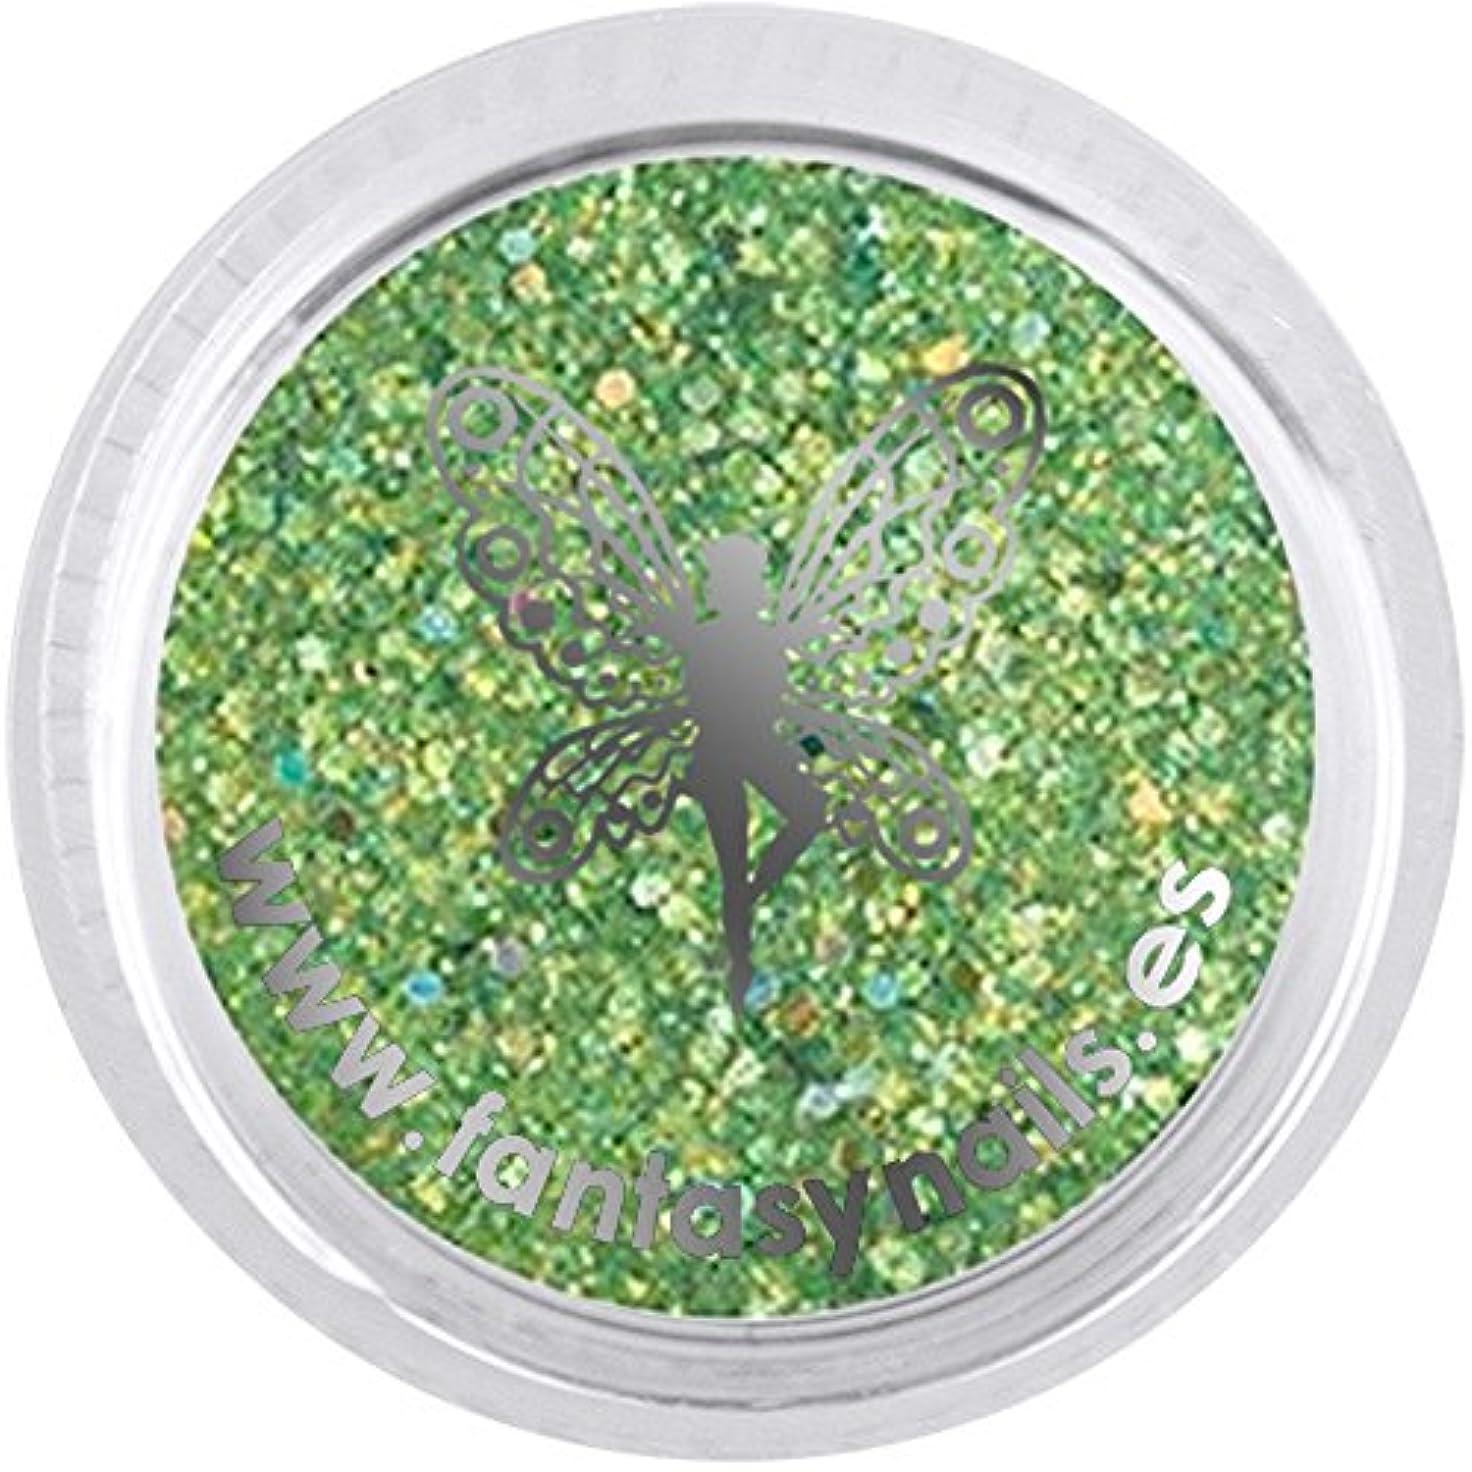 報奨金脇にとは異なりFANTASY NAIL ダイヤモンドコレクション 3g 4265XS カラーパウダー アート材